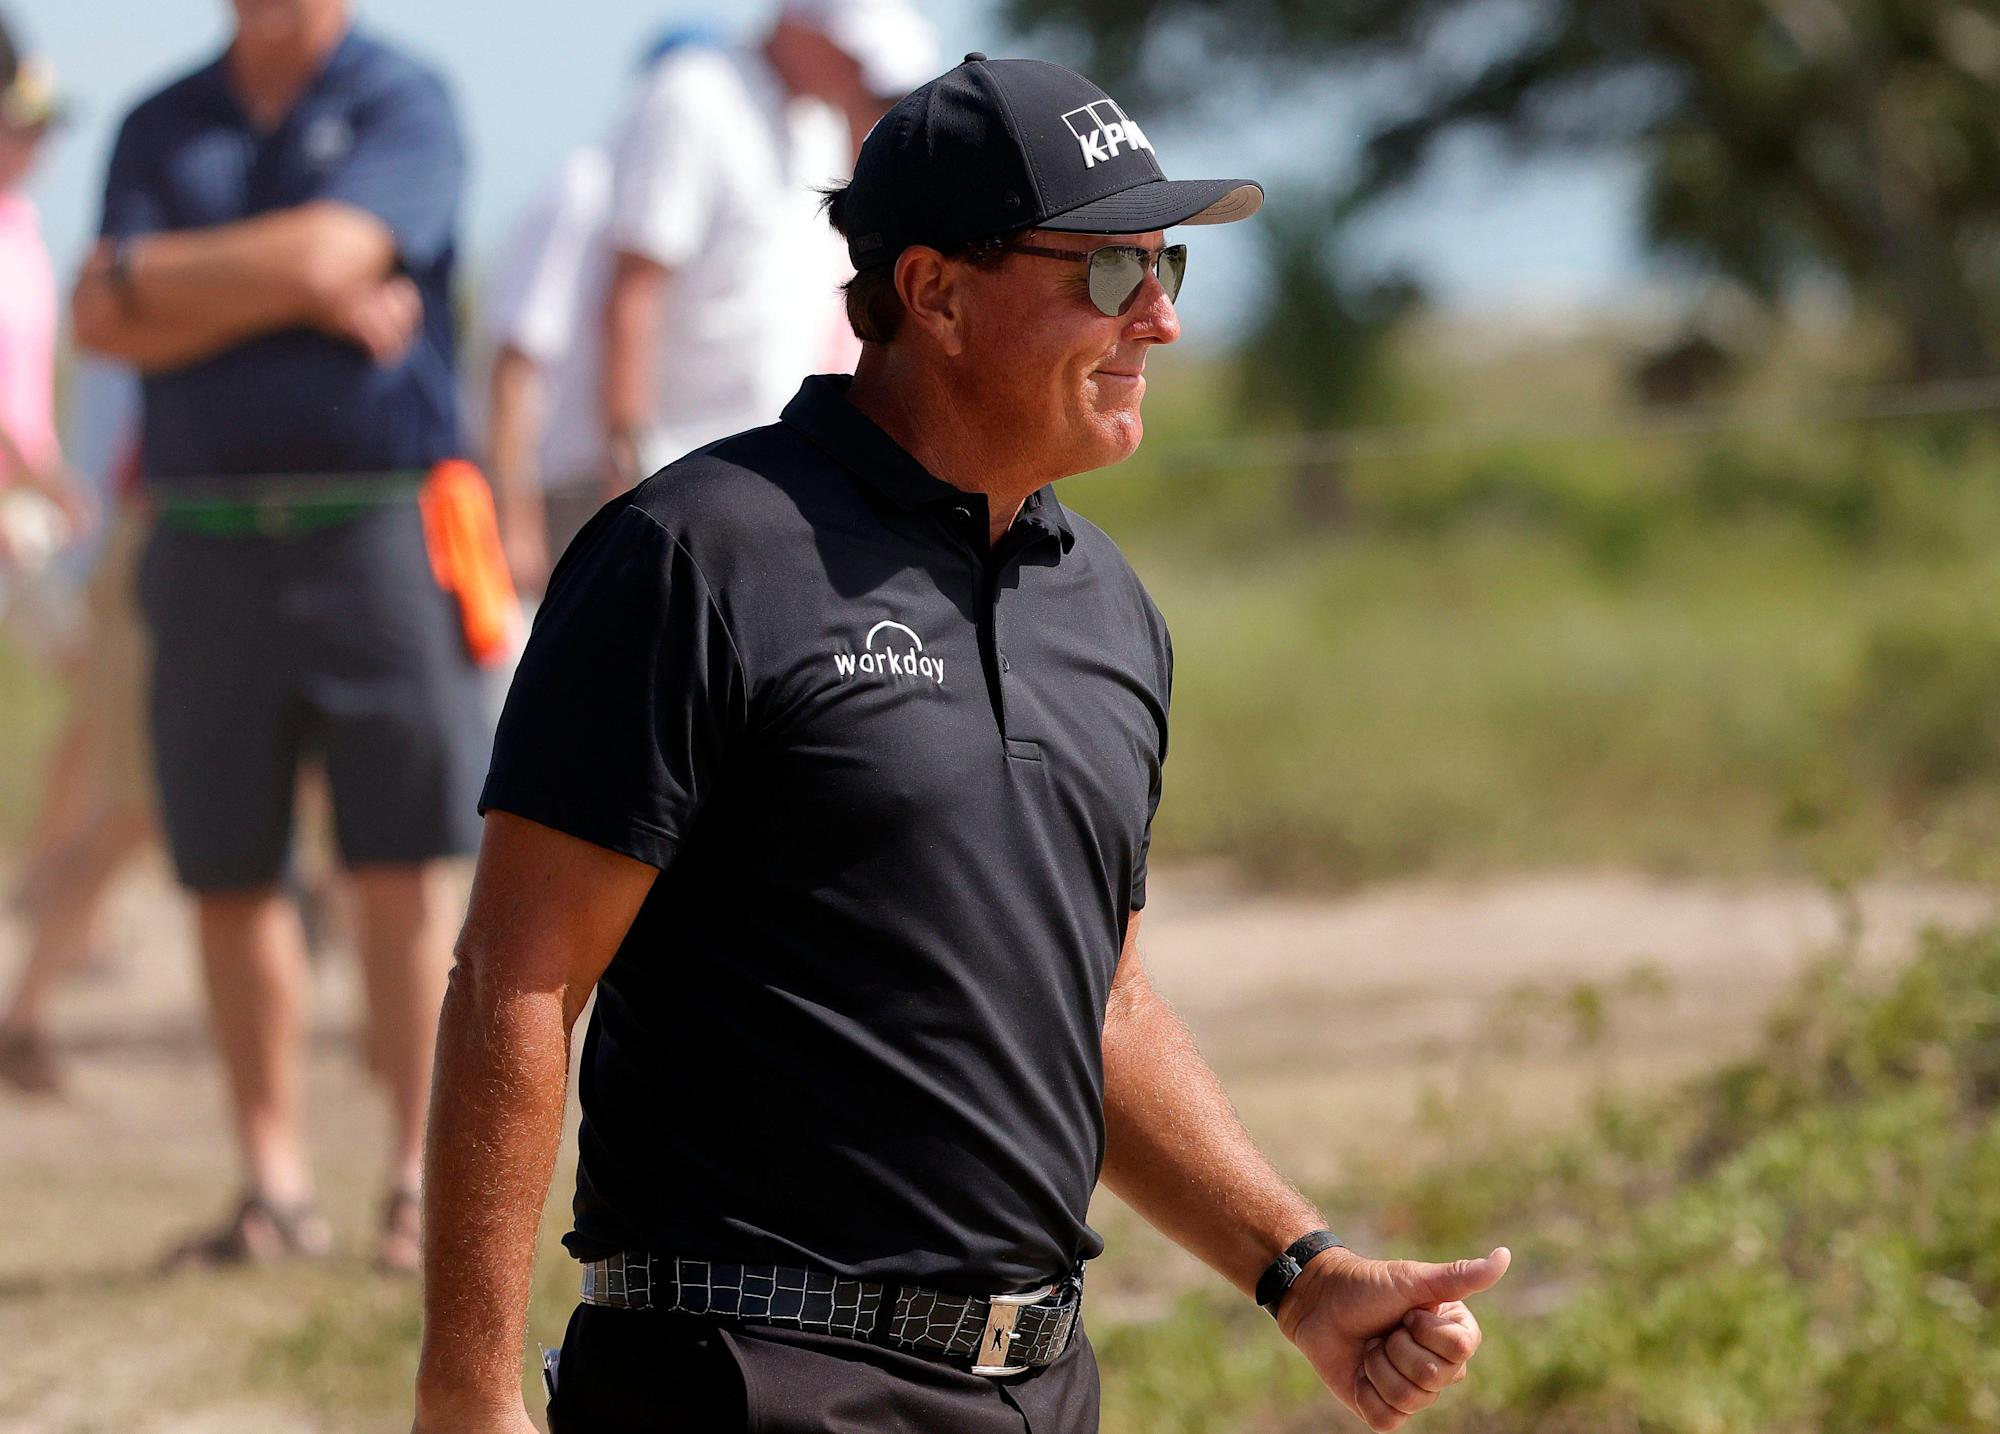 Horarios de salida de la ronda final del PGA Championship para el domingo, grupos destacados, información de TV y transmisión